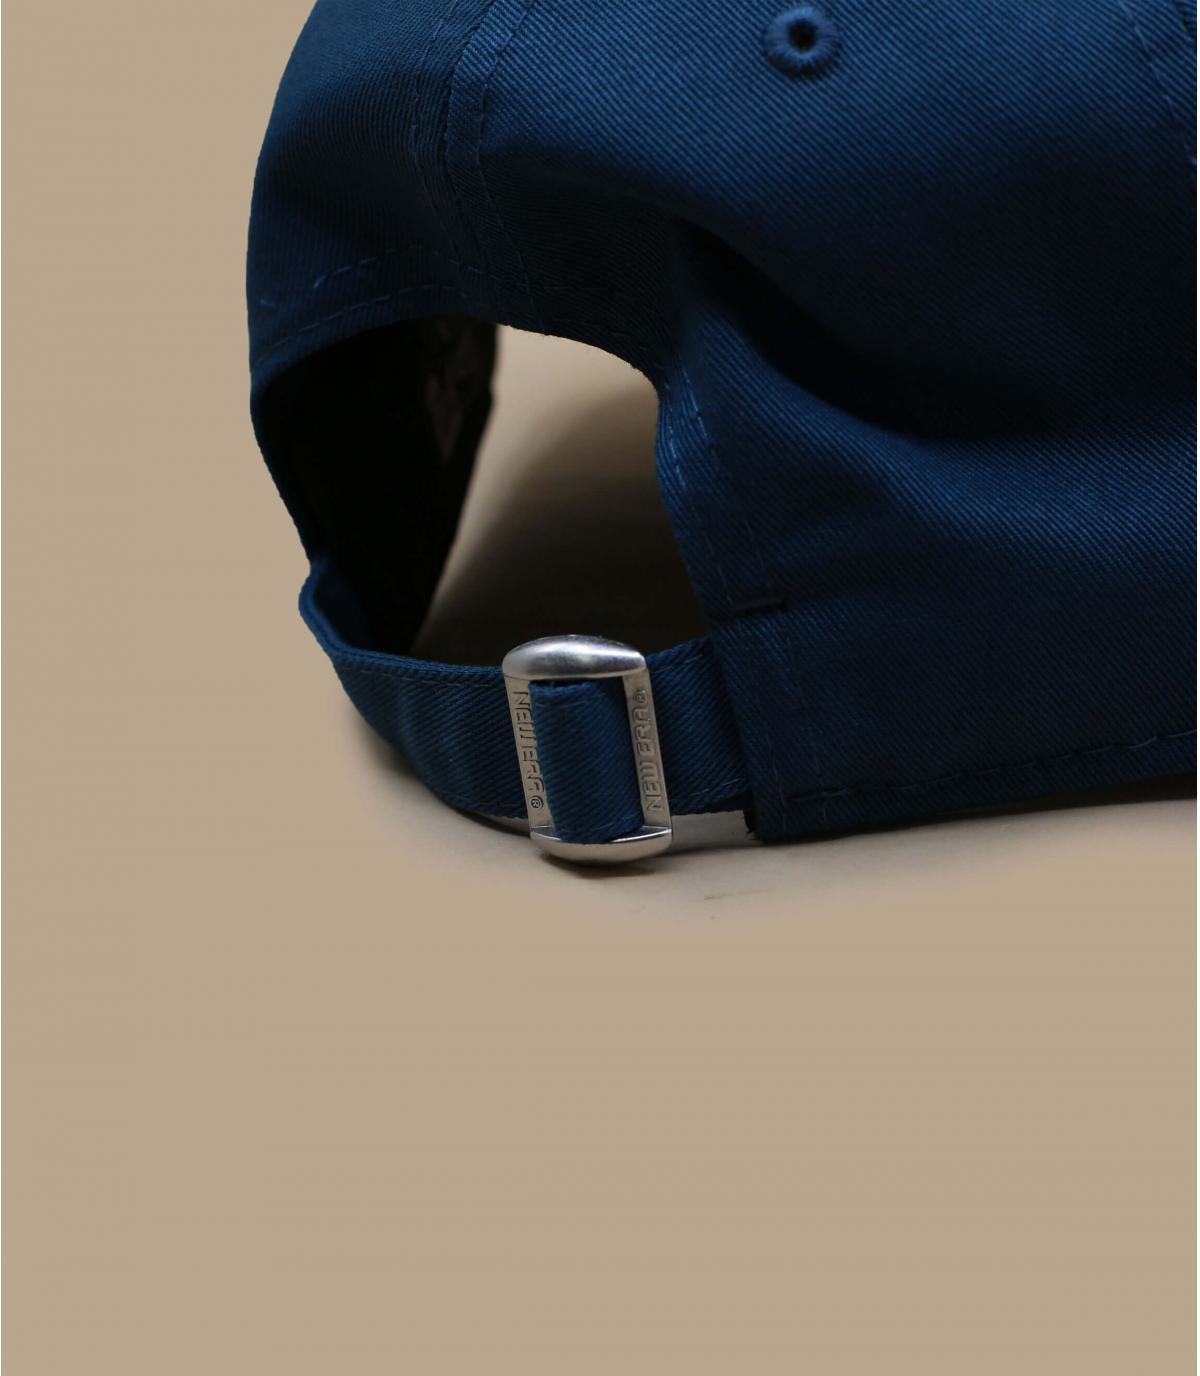 Details League Ess Boston 940 cadet blue navy - Abbildung 4